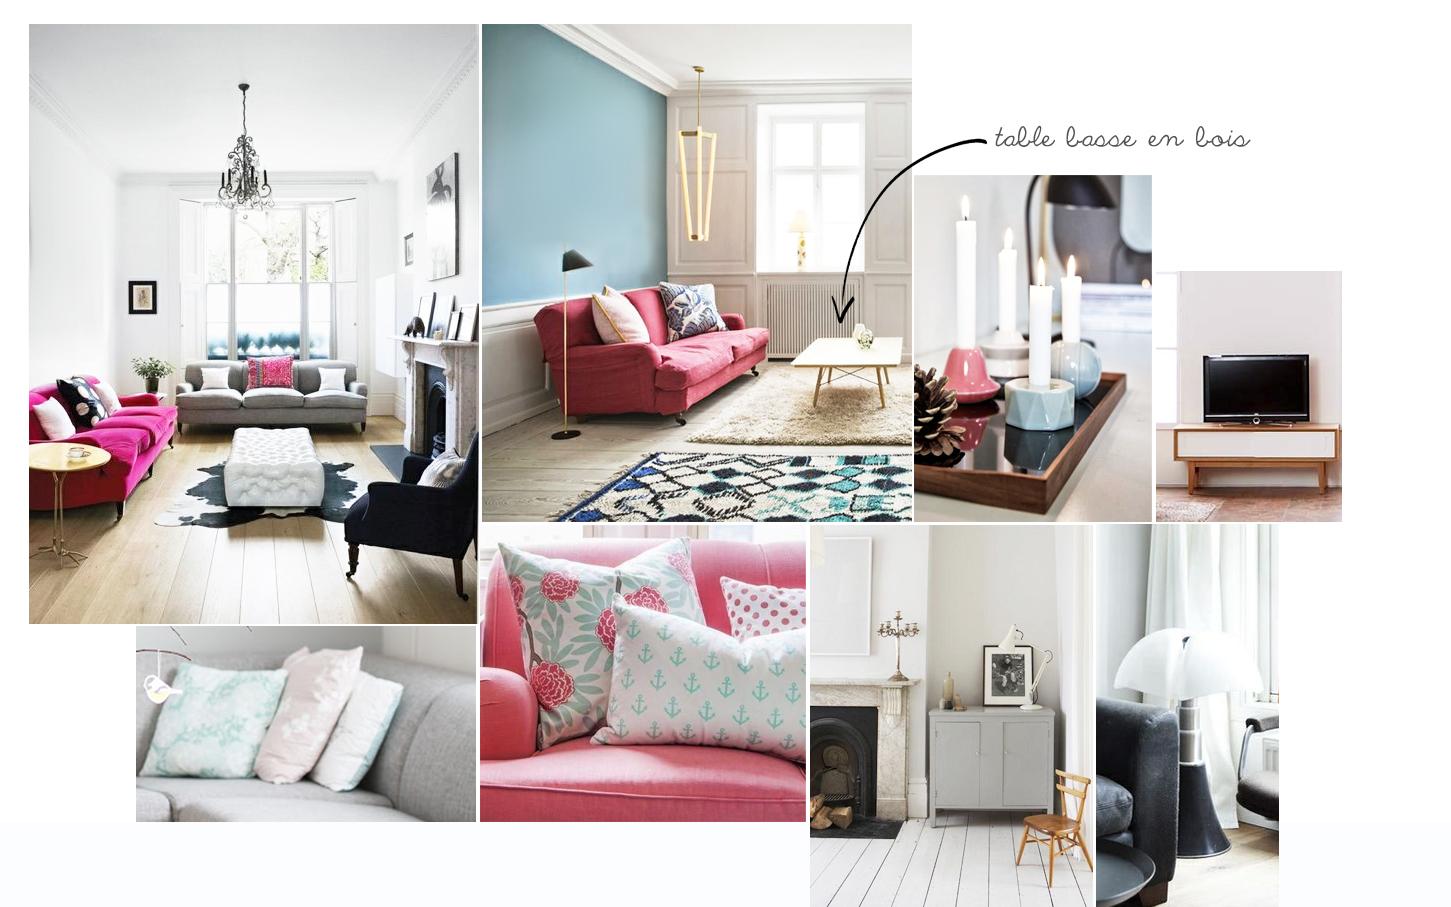 Salon Cocooning Rose: Decoration interieur salon idees chic et ...